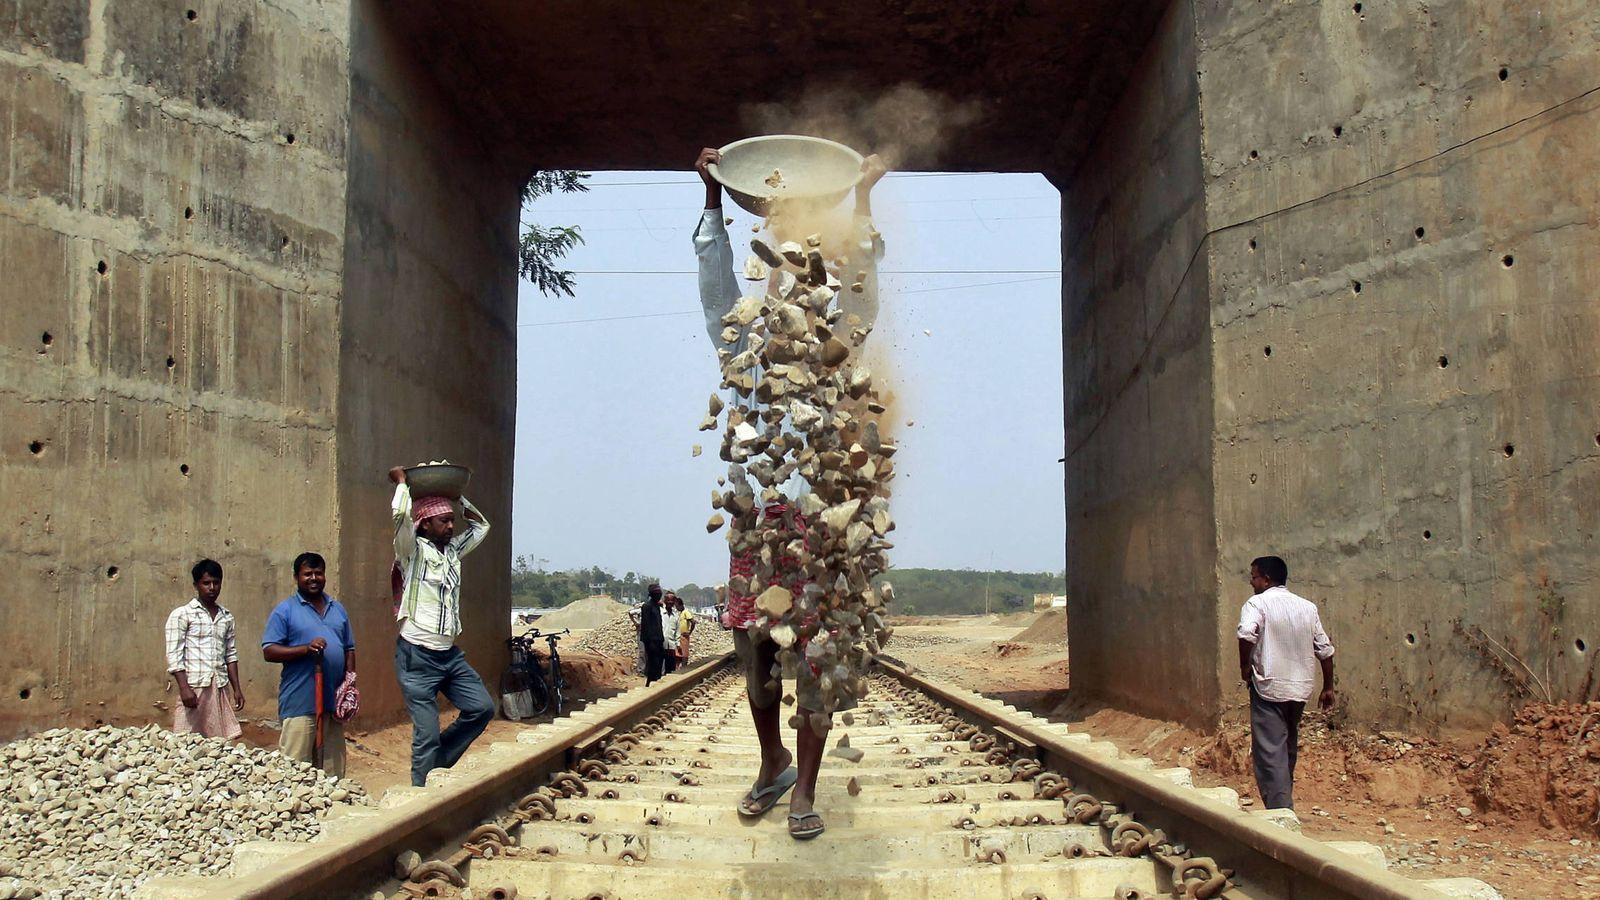 Foto: Trabajadores durante la construcción de una nueva vía de ferrocarril en las afueras de Agartala, capital del estado de Tripura, el 25 de febrero de 2015. (Reuters)